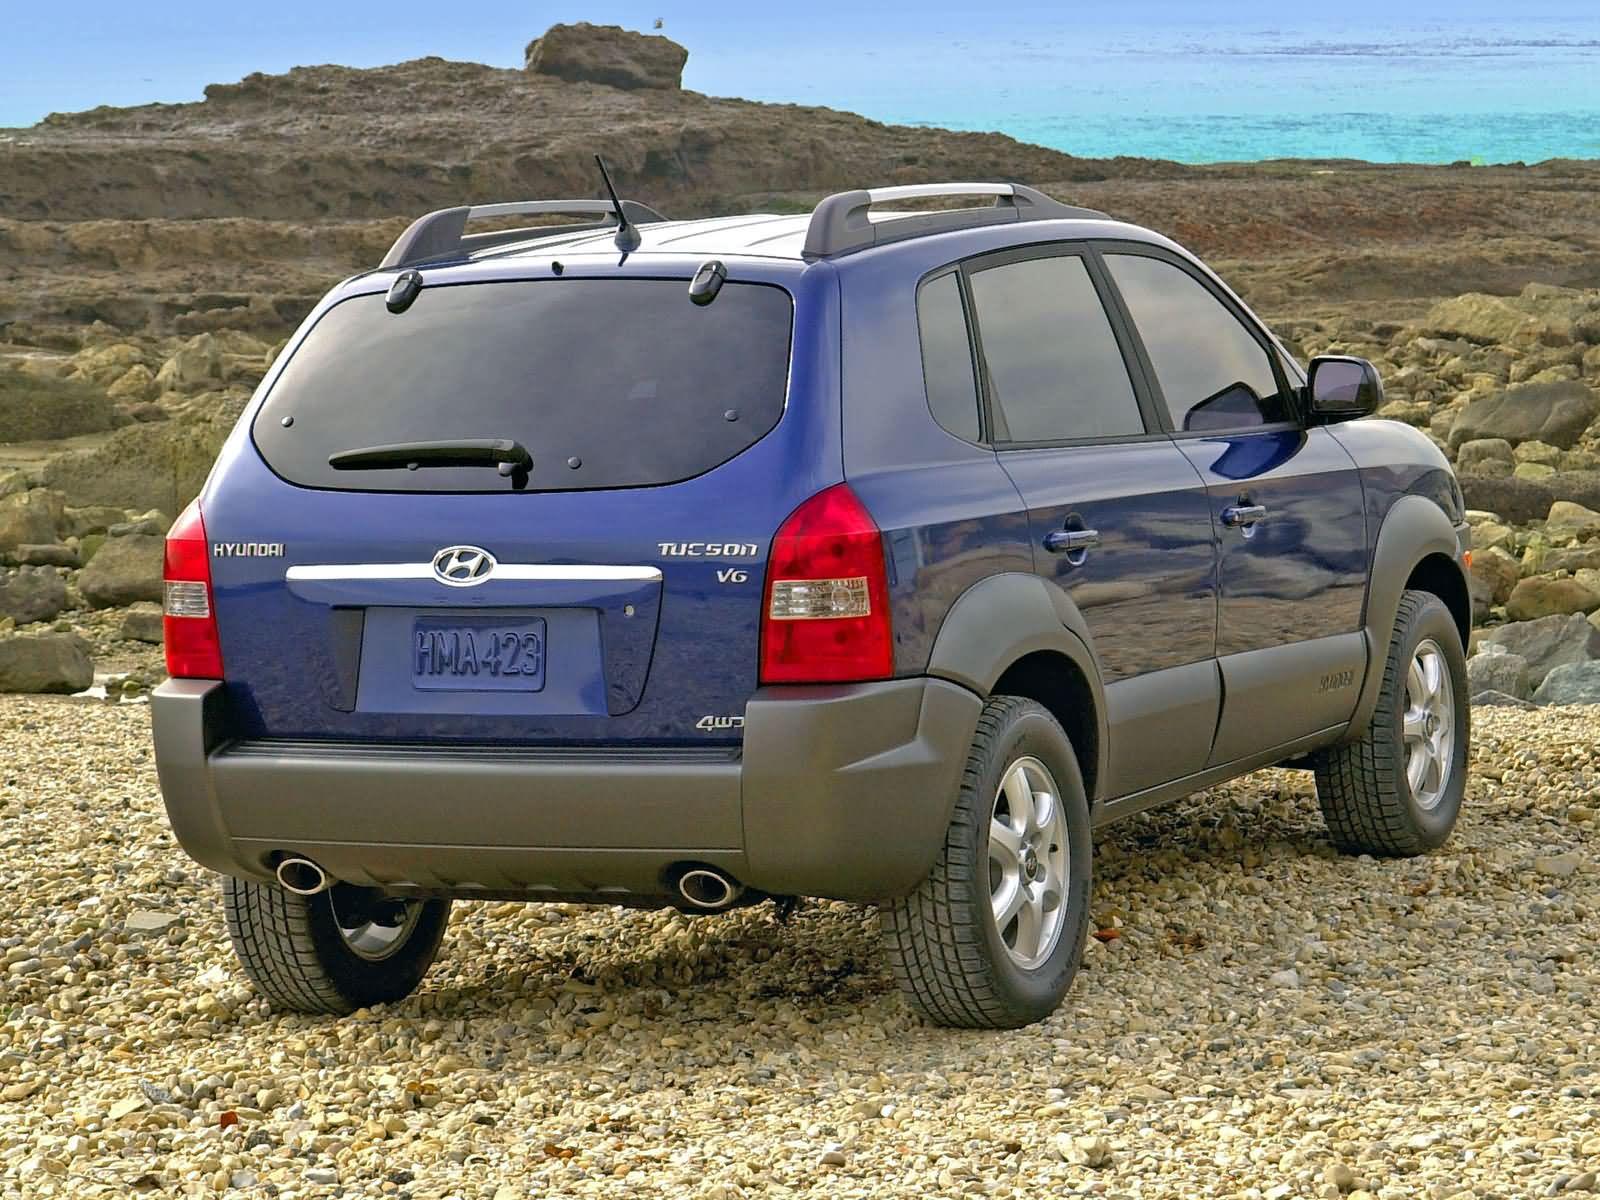 2005 Hyundai Tuscon